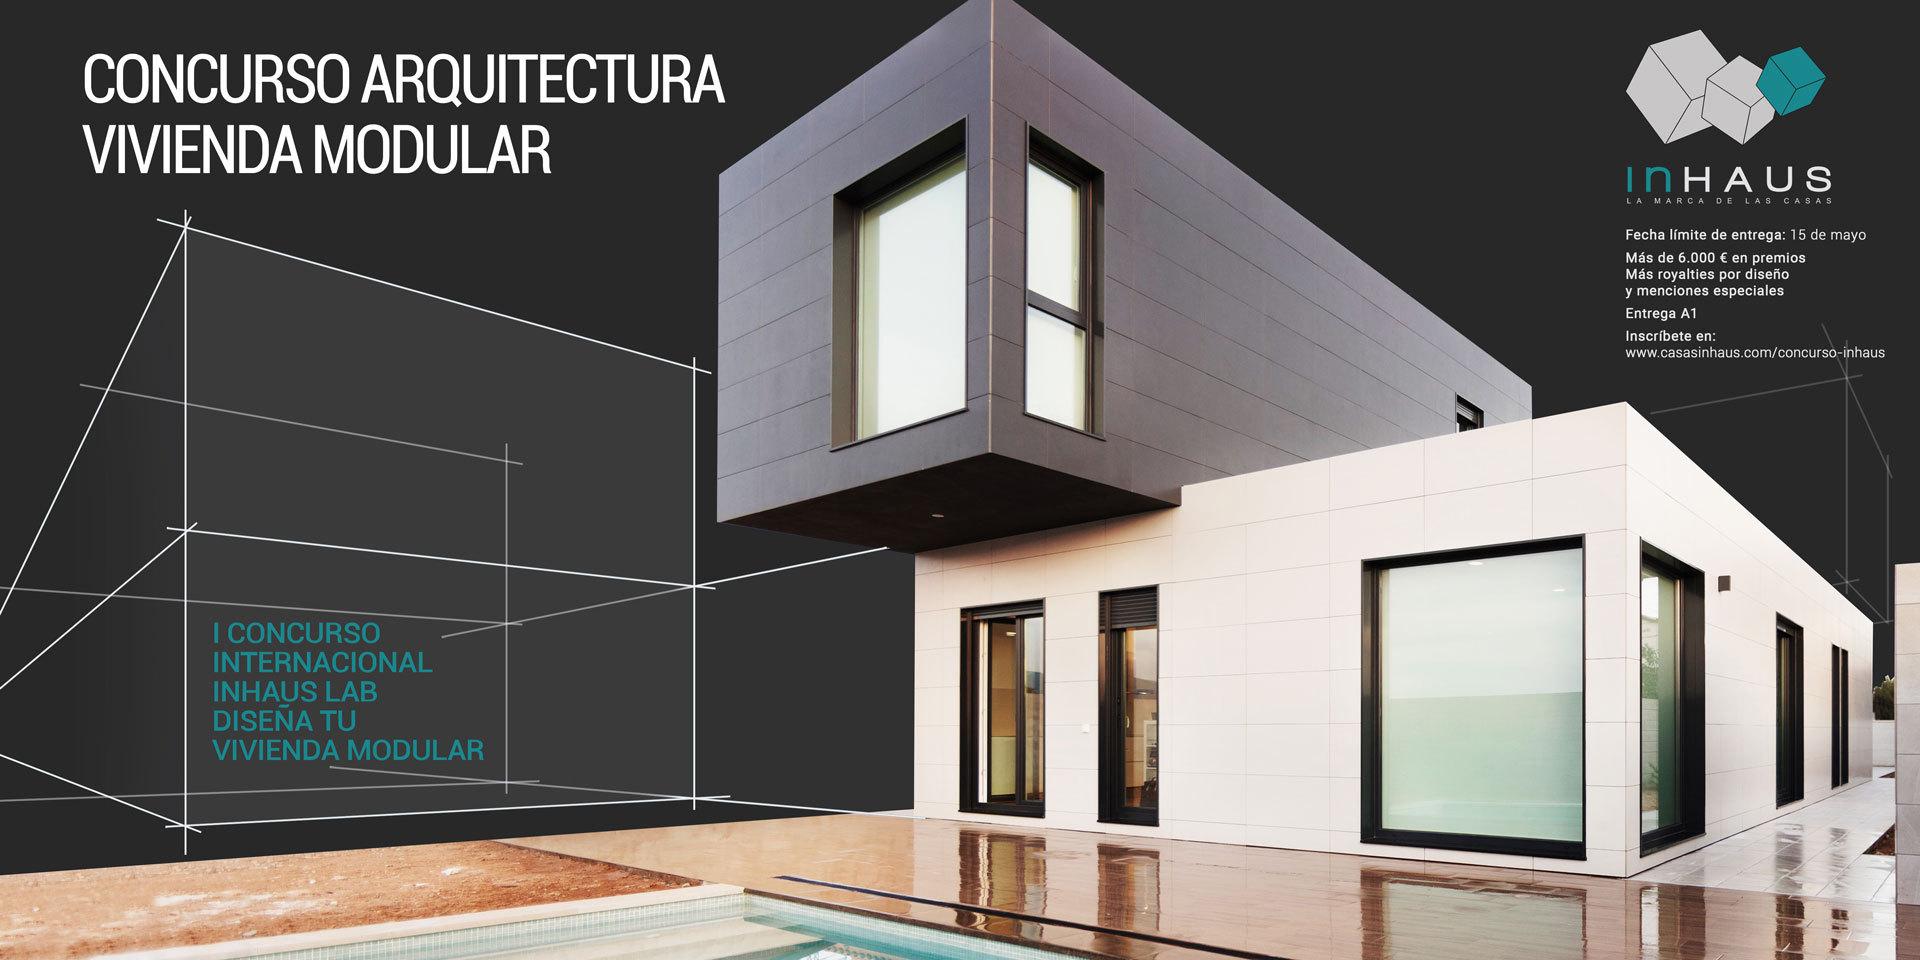 I concurso internacional 39 inhaus lab dise a tu casa for Arquitectura modular